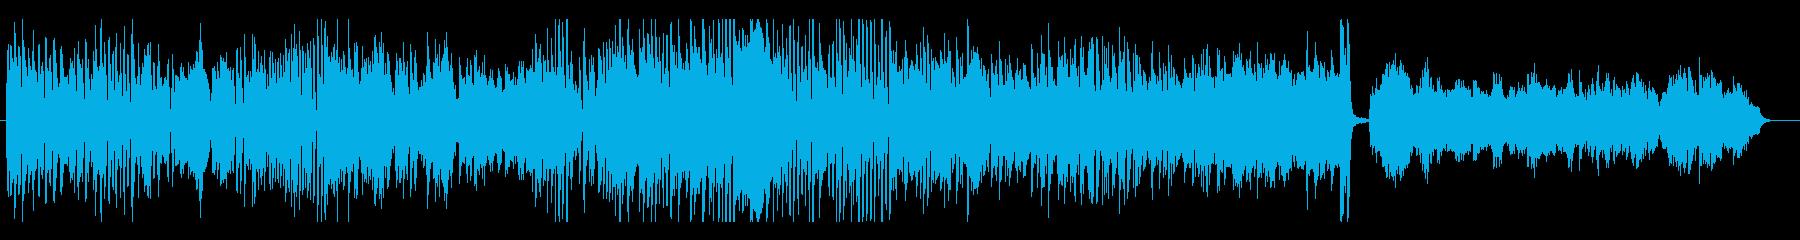 リズミカルでパワフルなピアノ曲の再生済みの波形